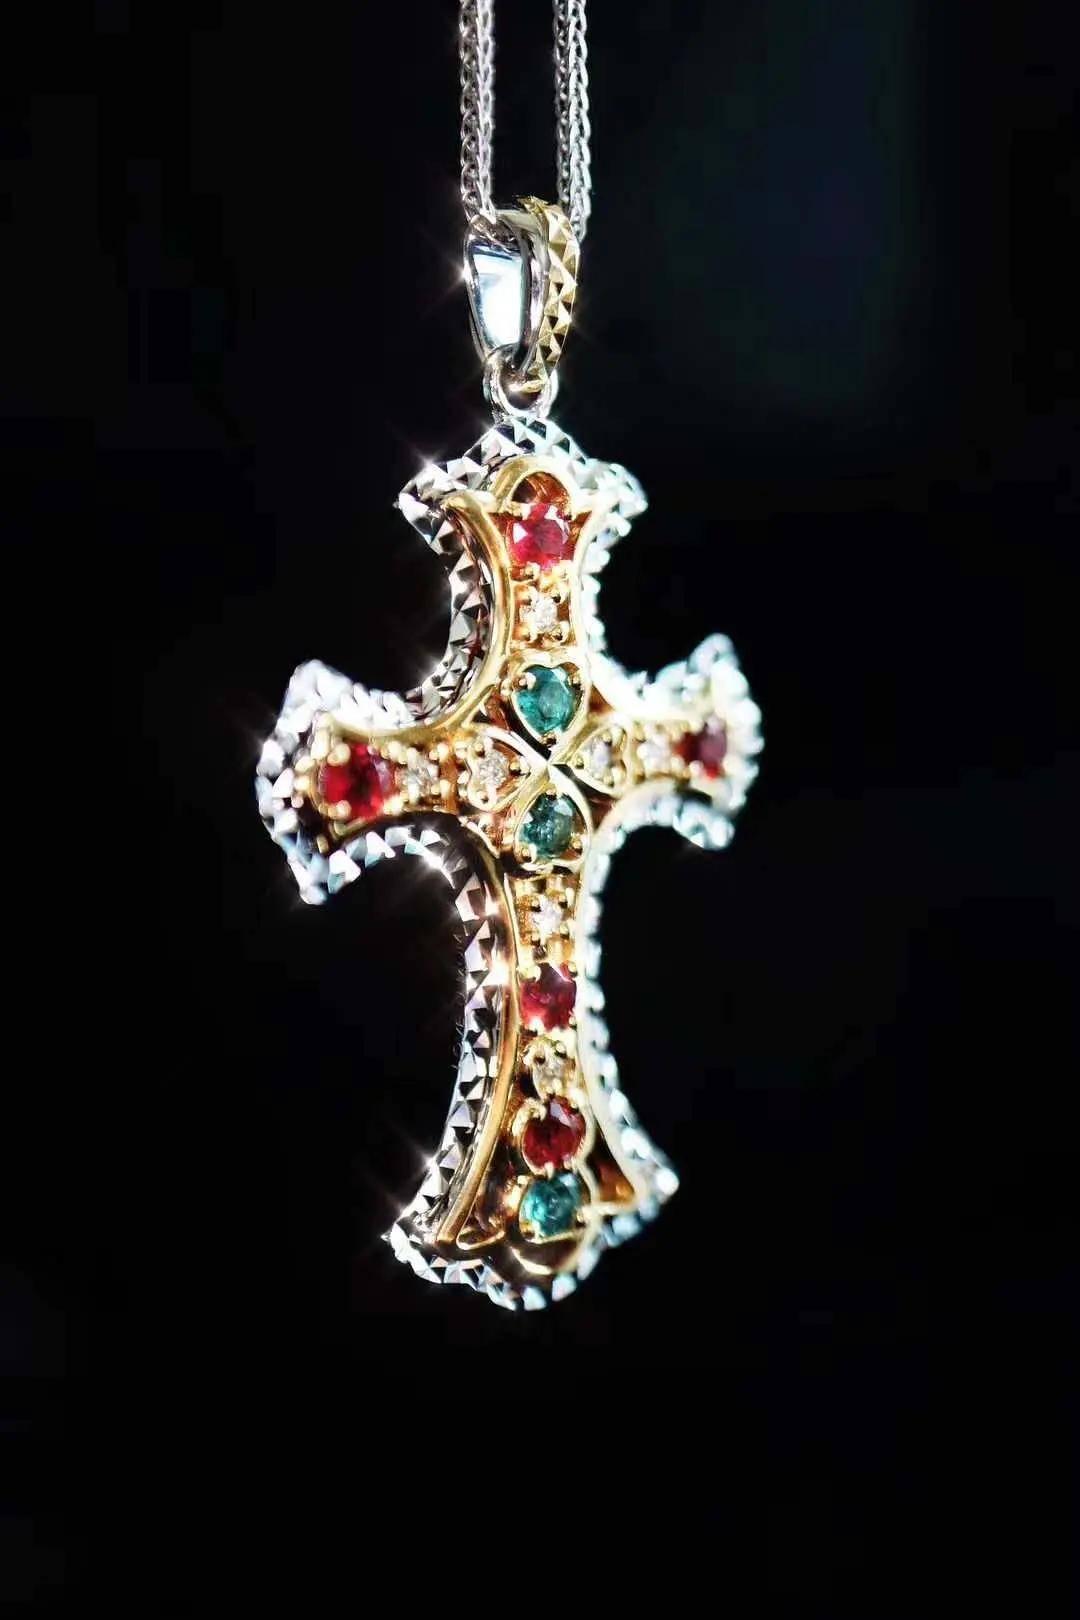 碧玺十字架吊坠,注重精神世界的看过来!